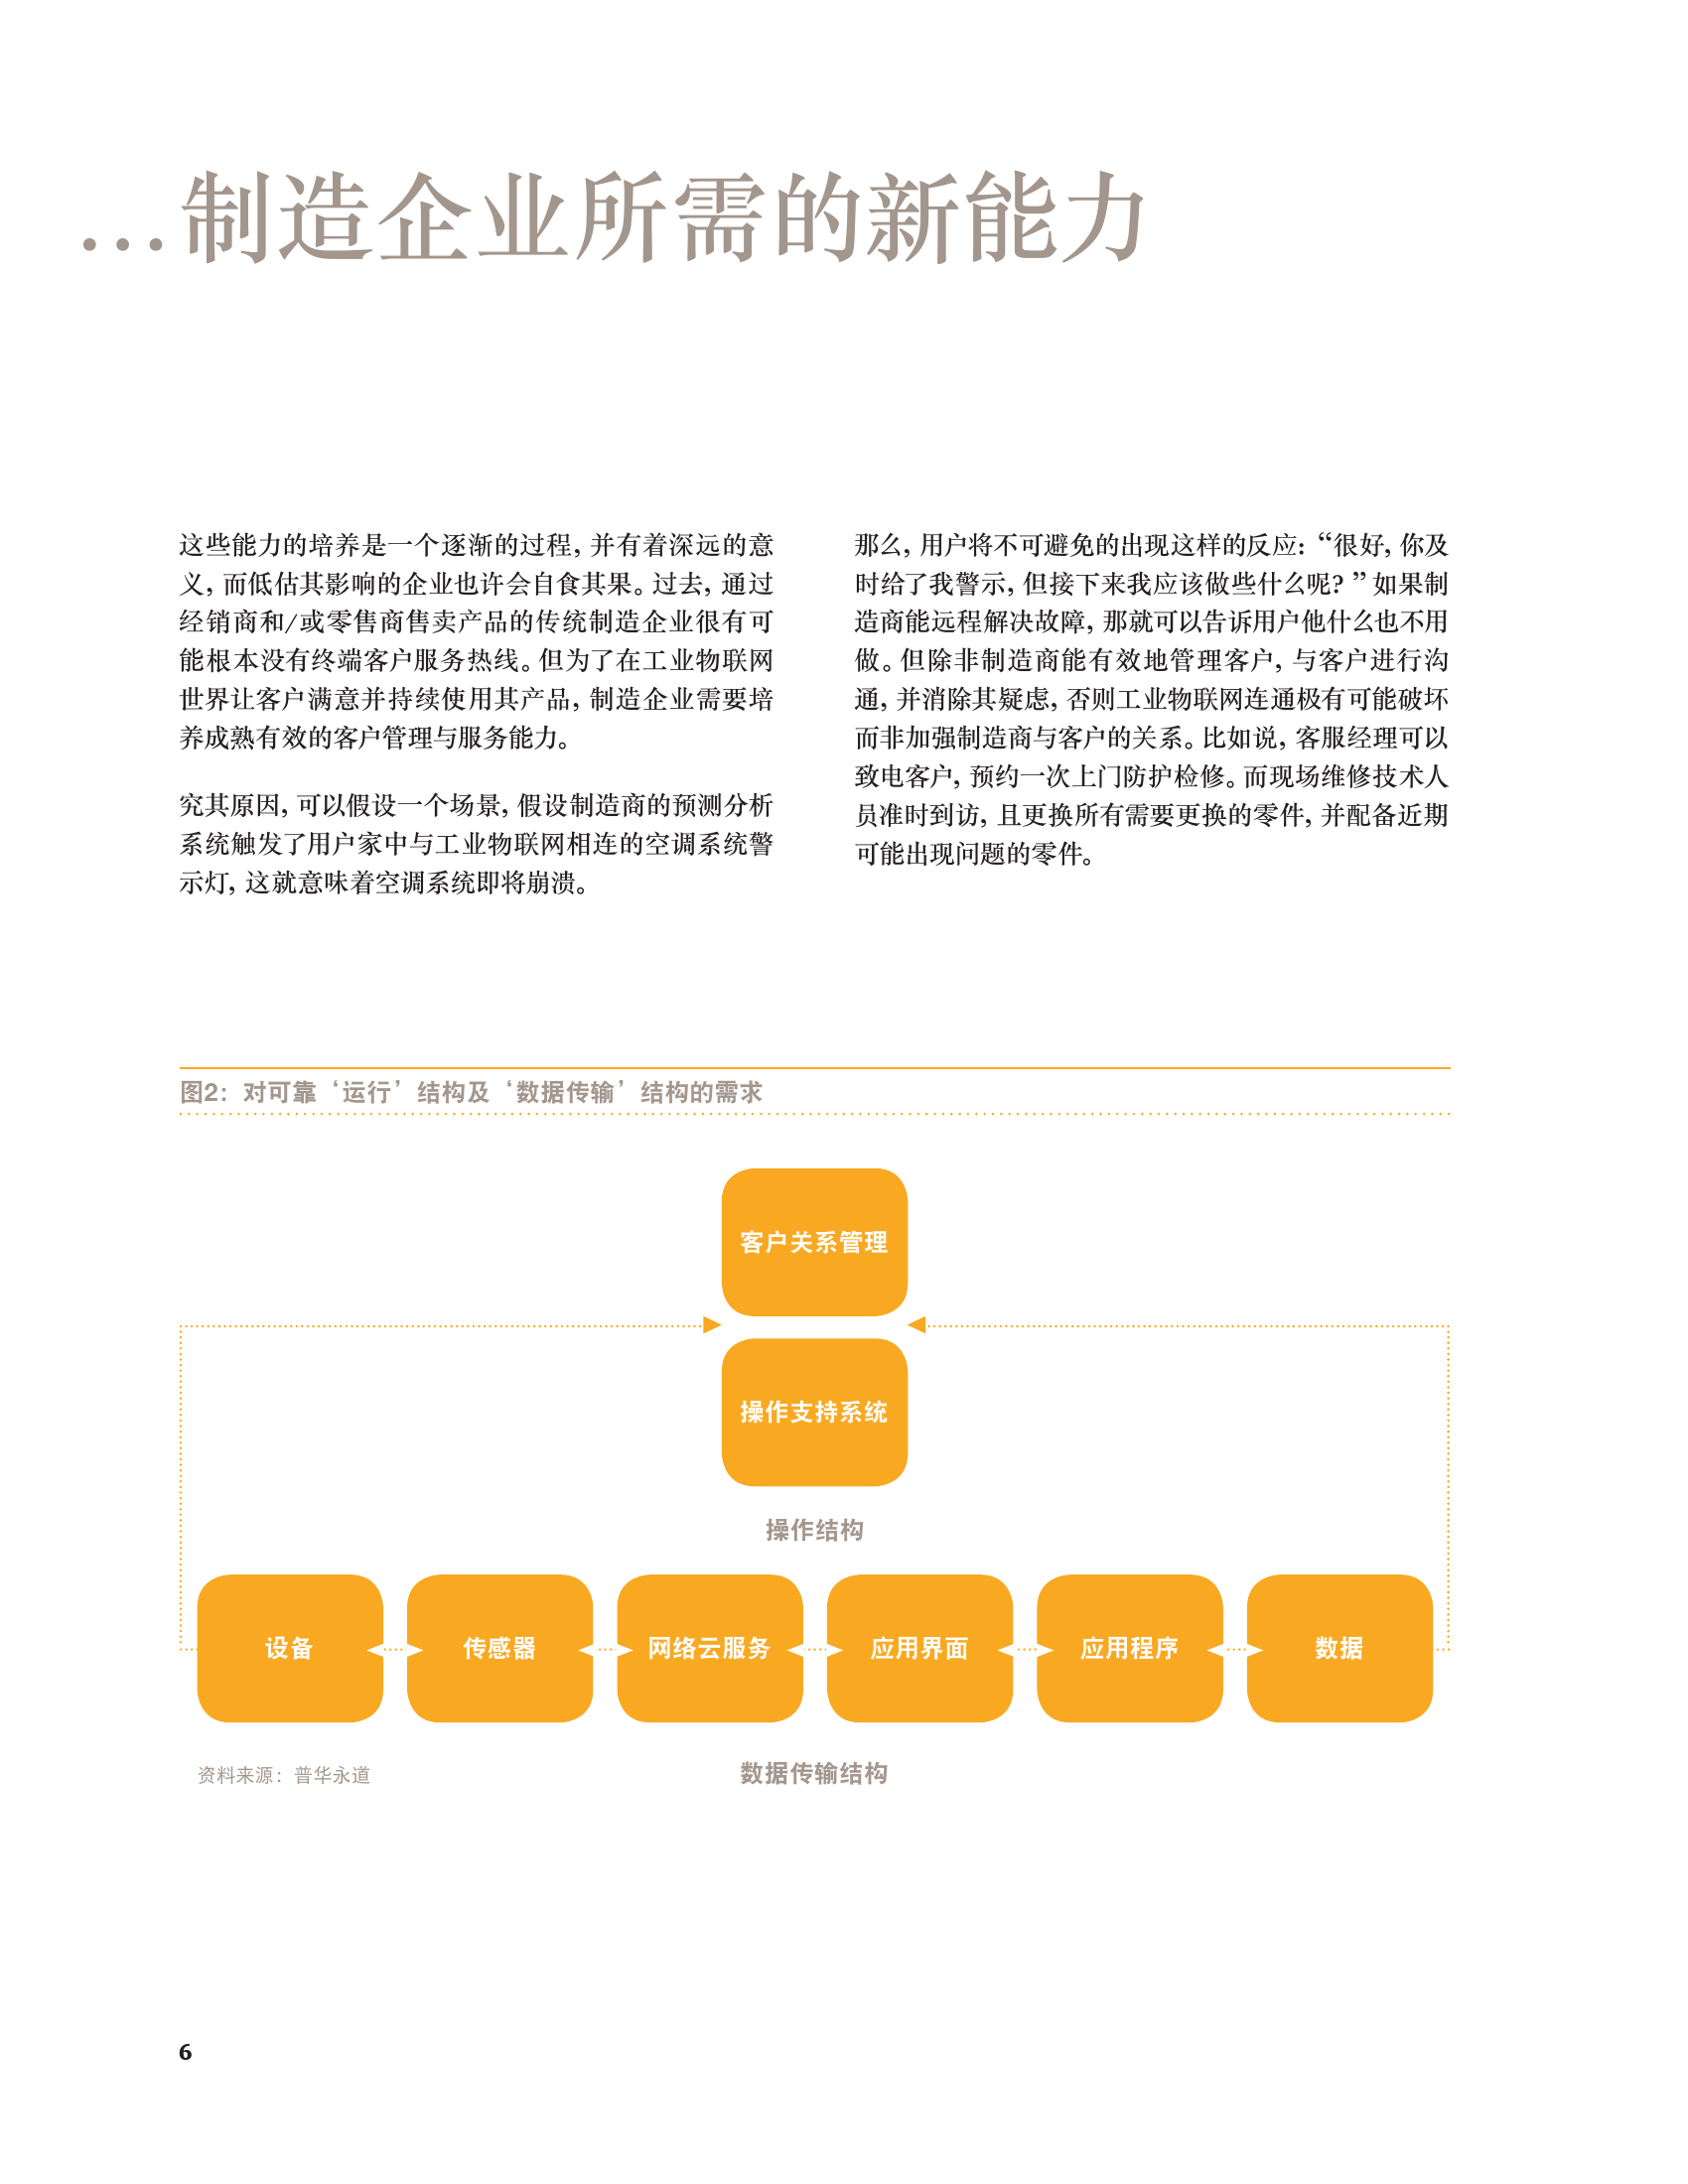 工业互联网_000008